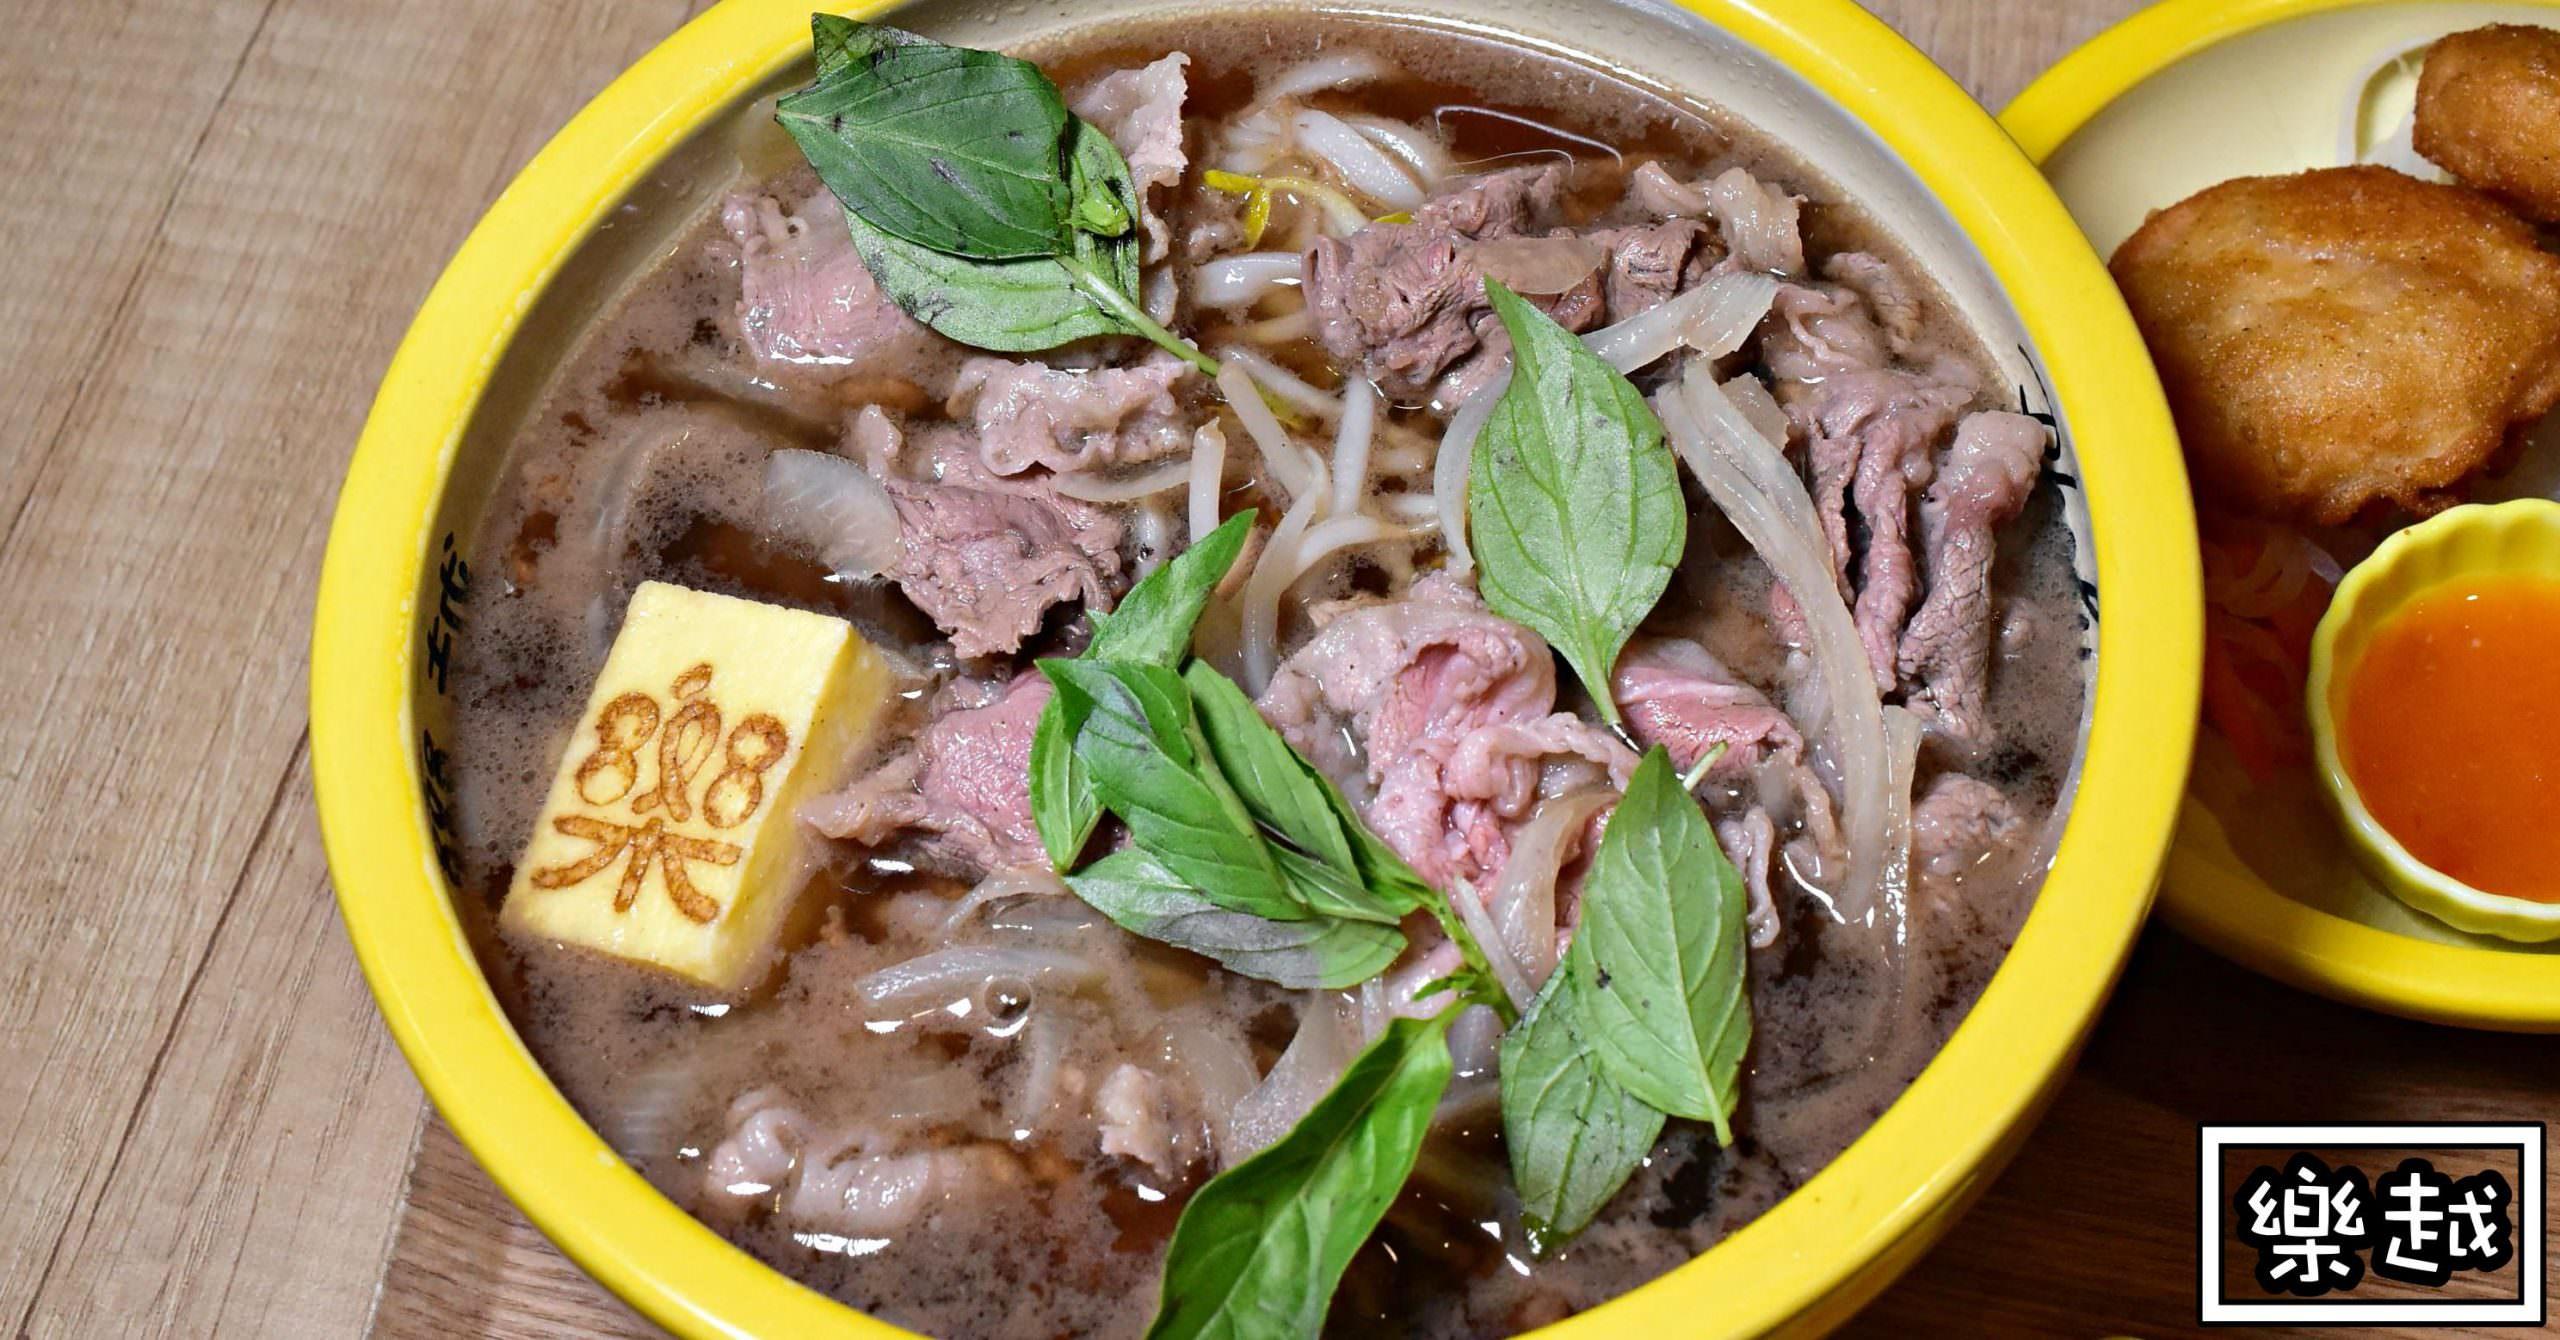 樂越|南京復興美食-王品中被低估的品牌 牛肉河粉吃起來 (菜單價錢)